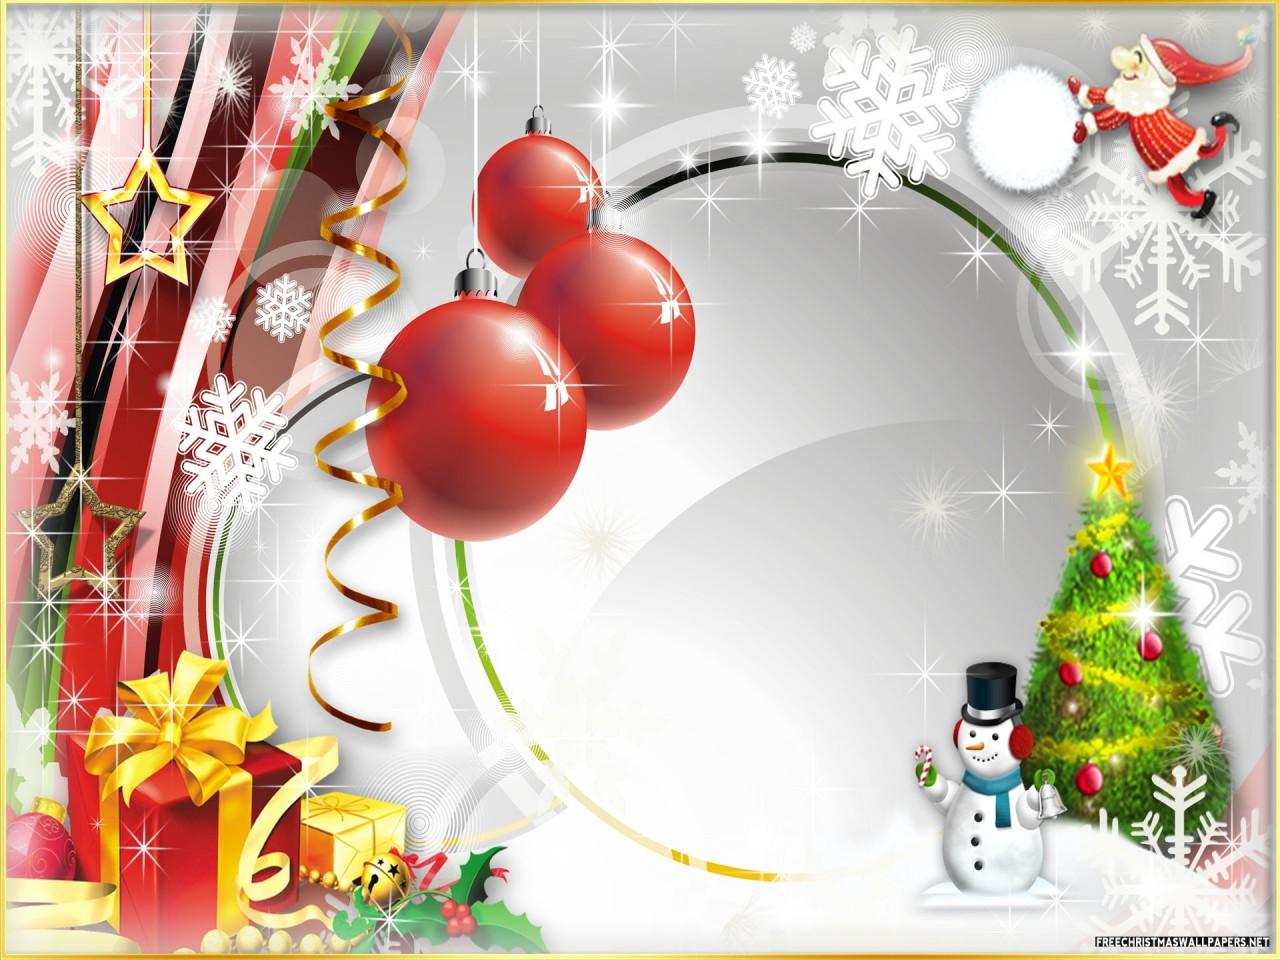 Картинки для нового года дляшопа